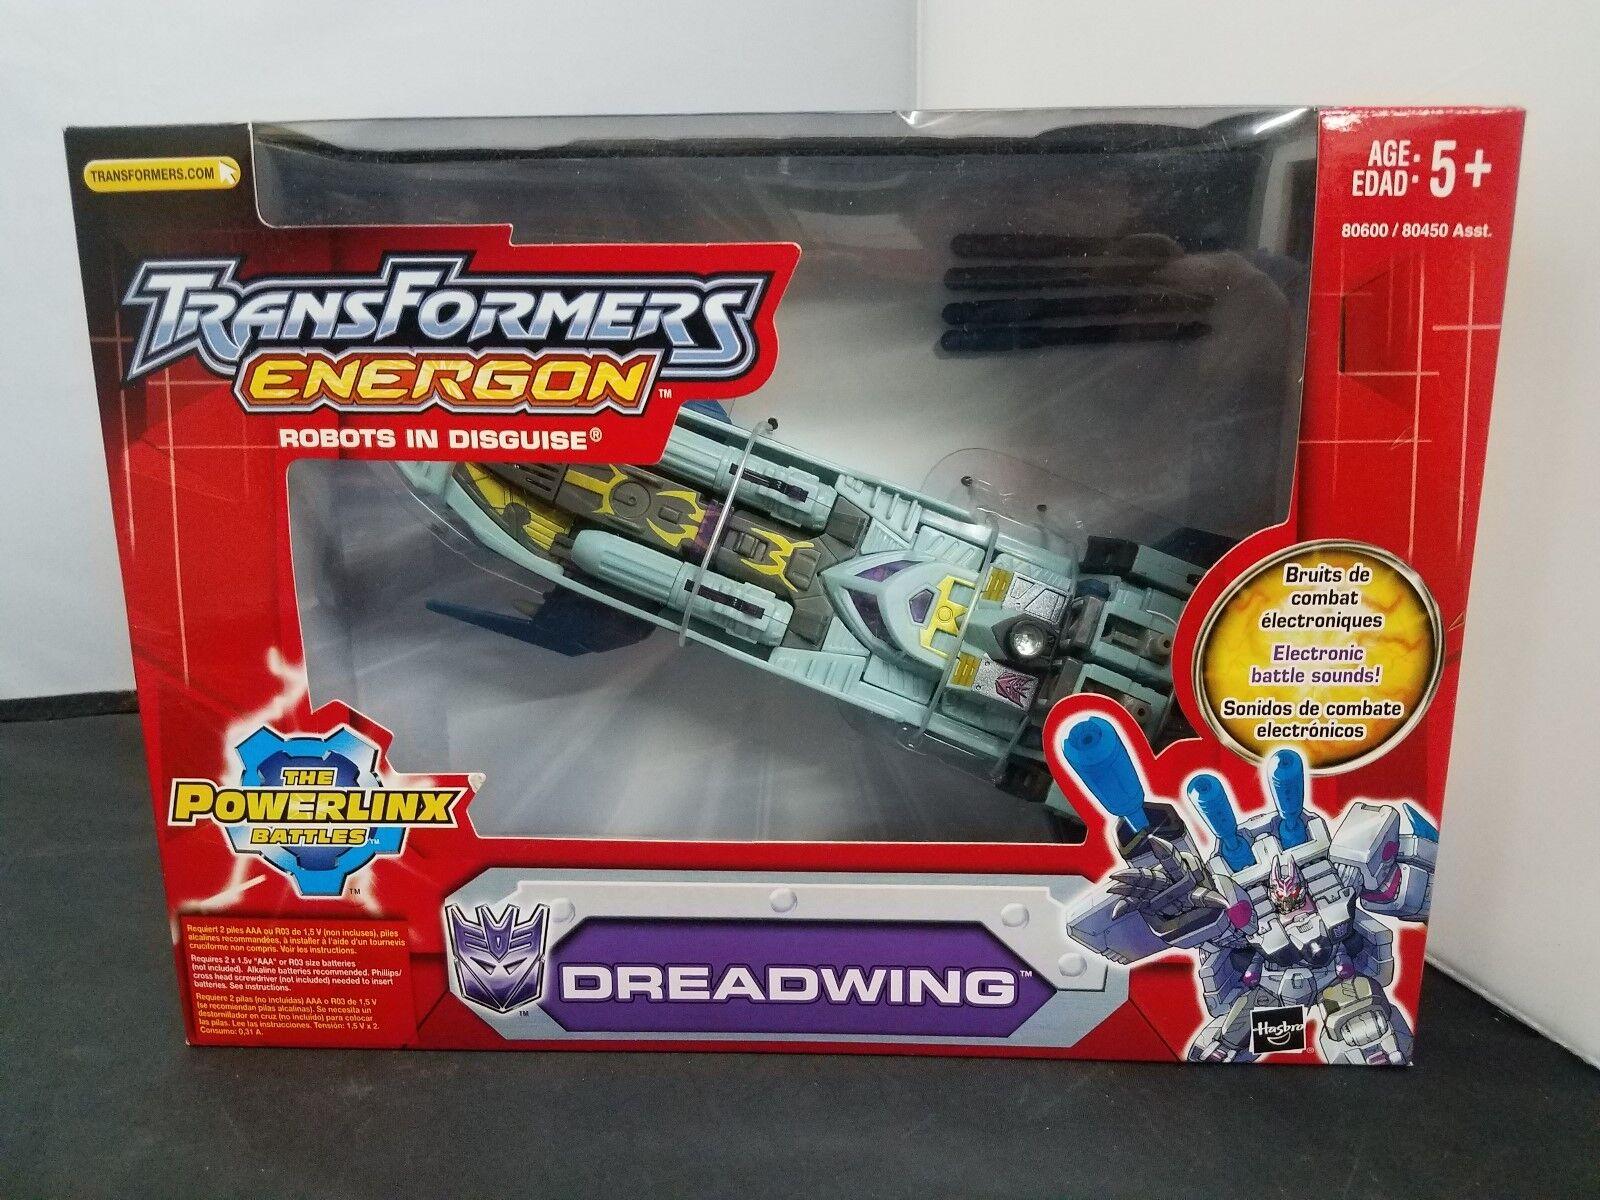 Hasbro Transformers Energon DREADWING Decepticon POWERLINX Gun Boat Action...NEW